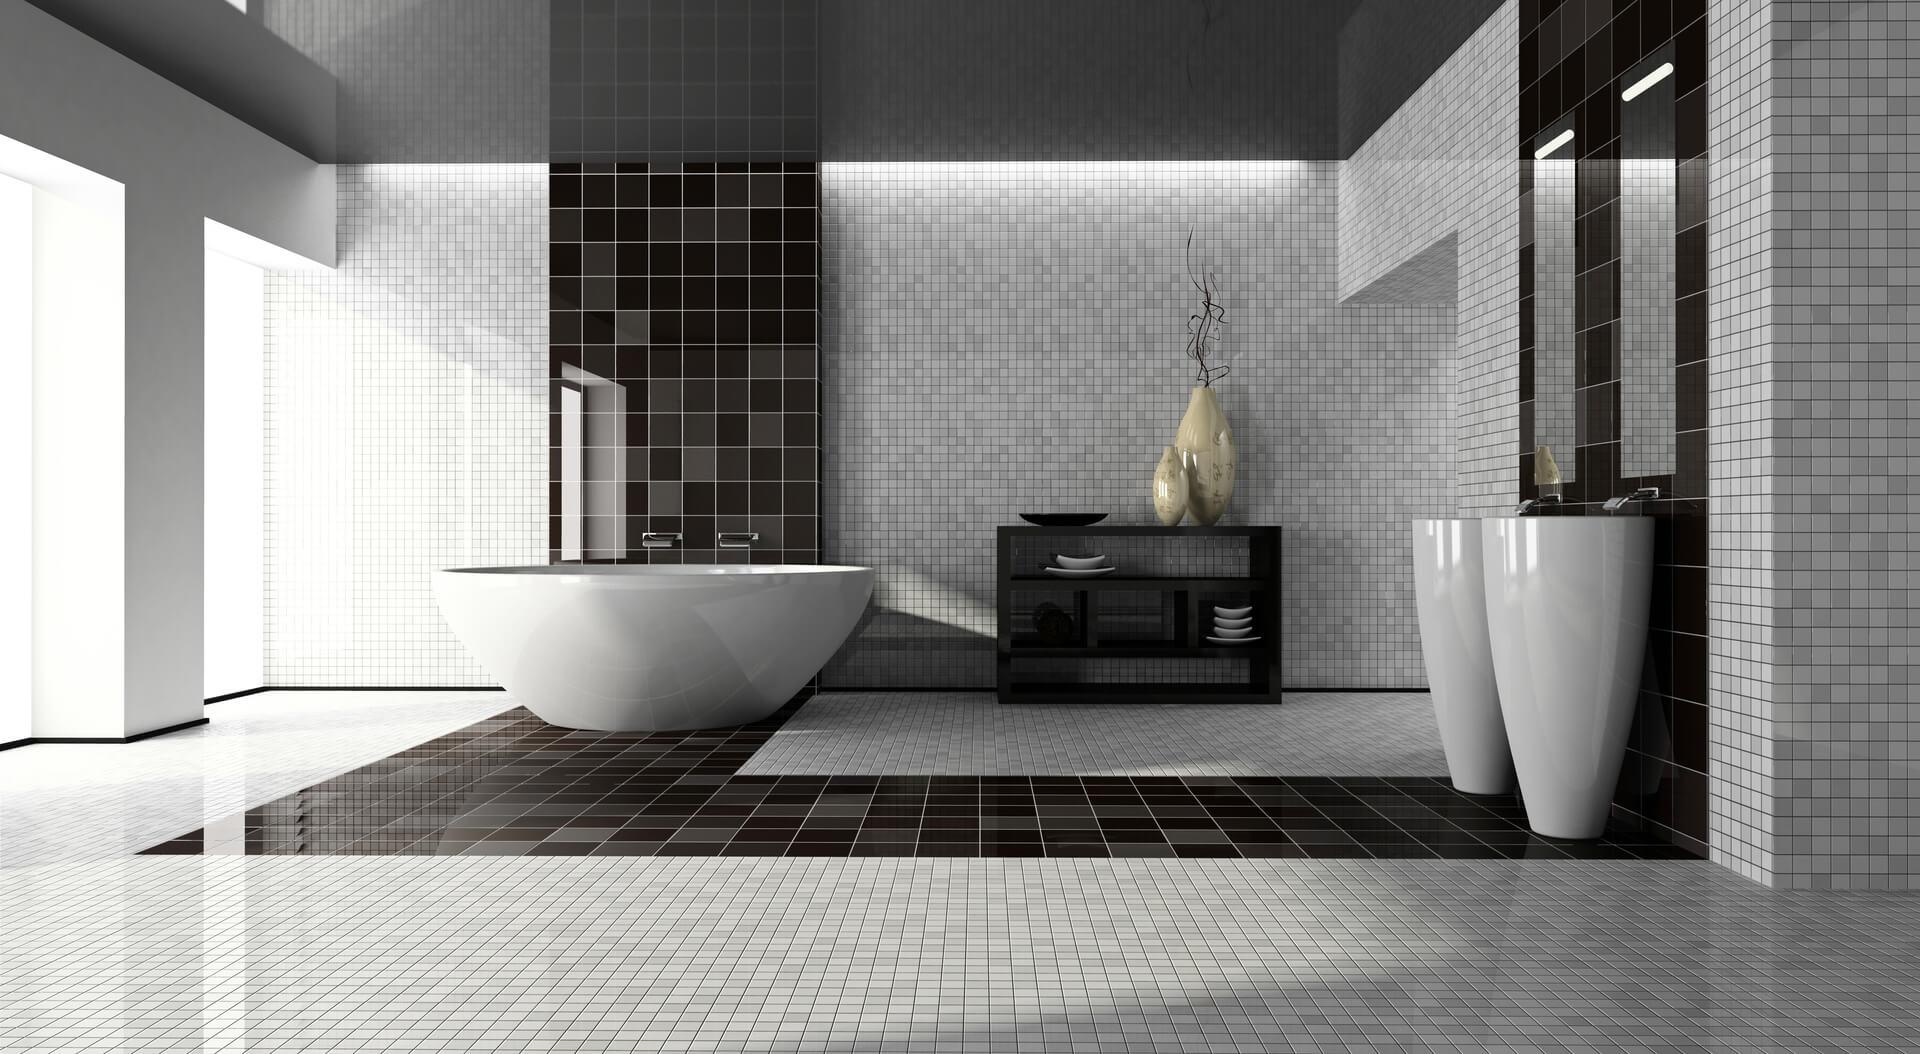 כלים סנטרים וארונות אמבטיה